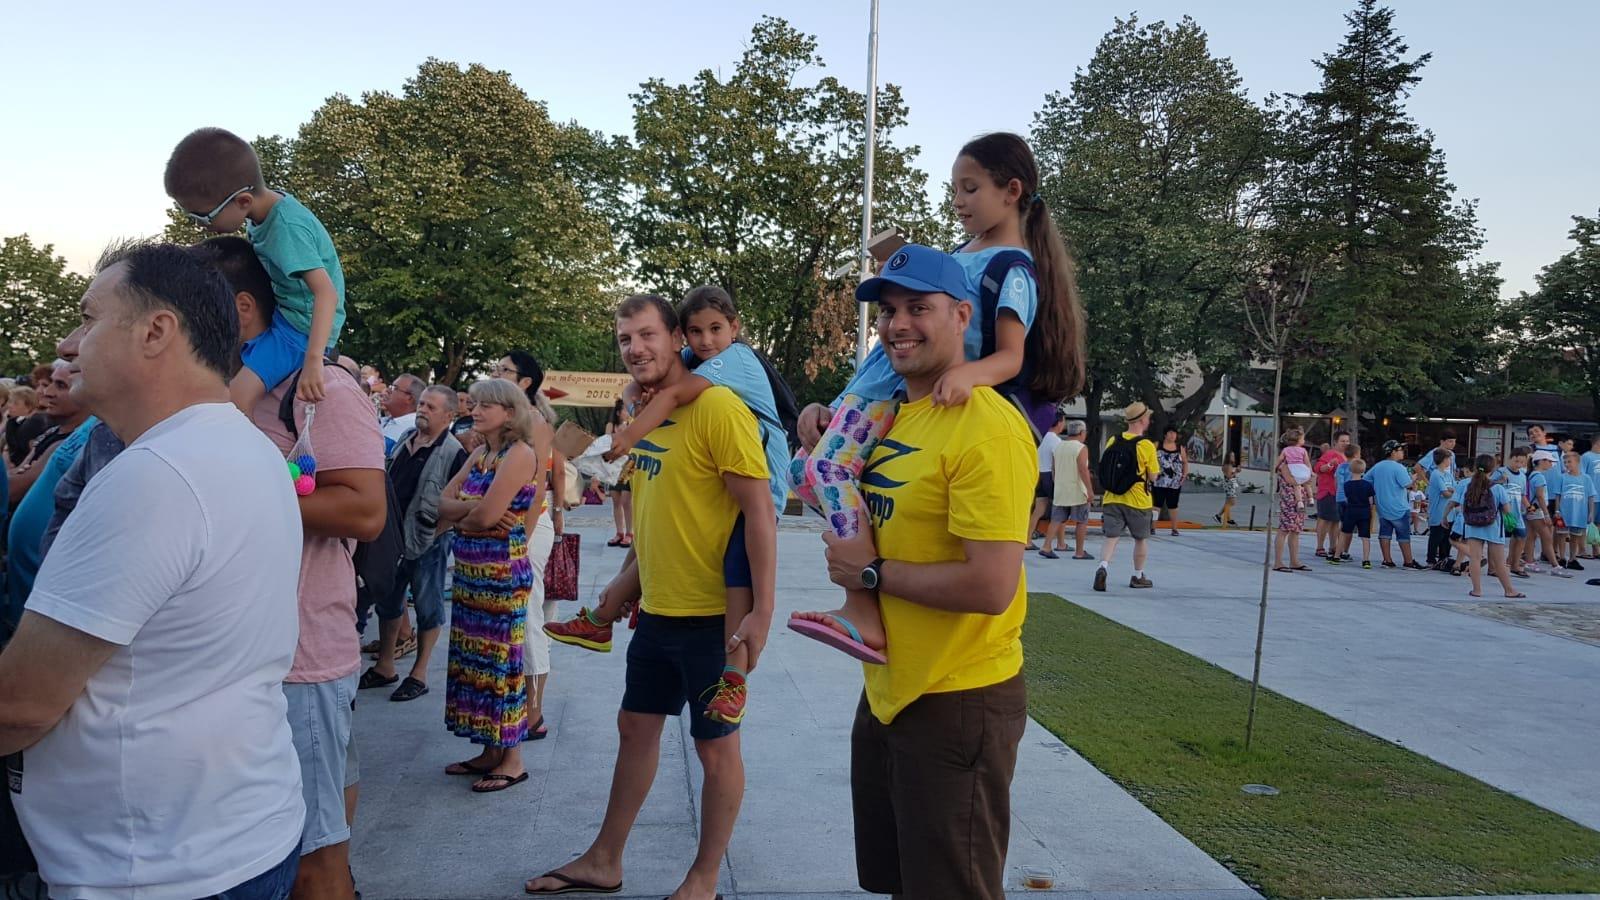 Z кемп, ден 15 - фестивала на музиката и меда в Царево, двама учители с две момиченца на гърбовете им, наблюдават представление